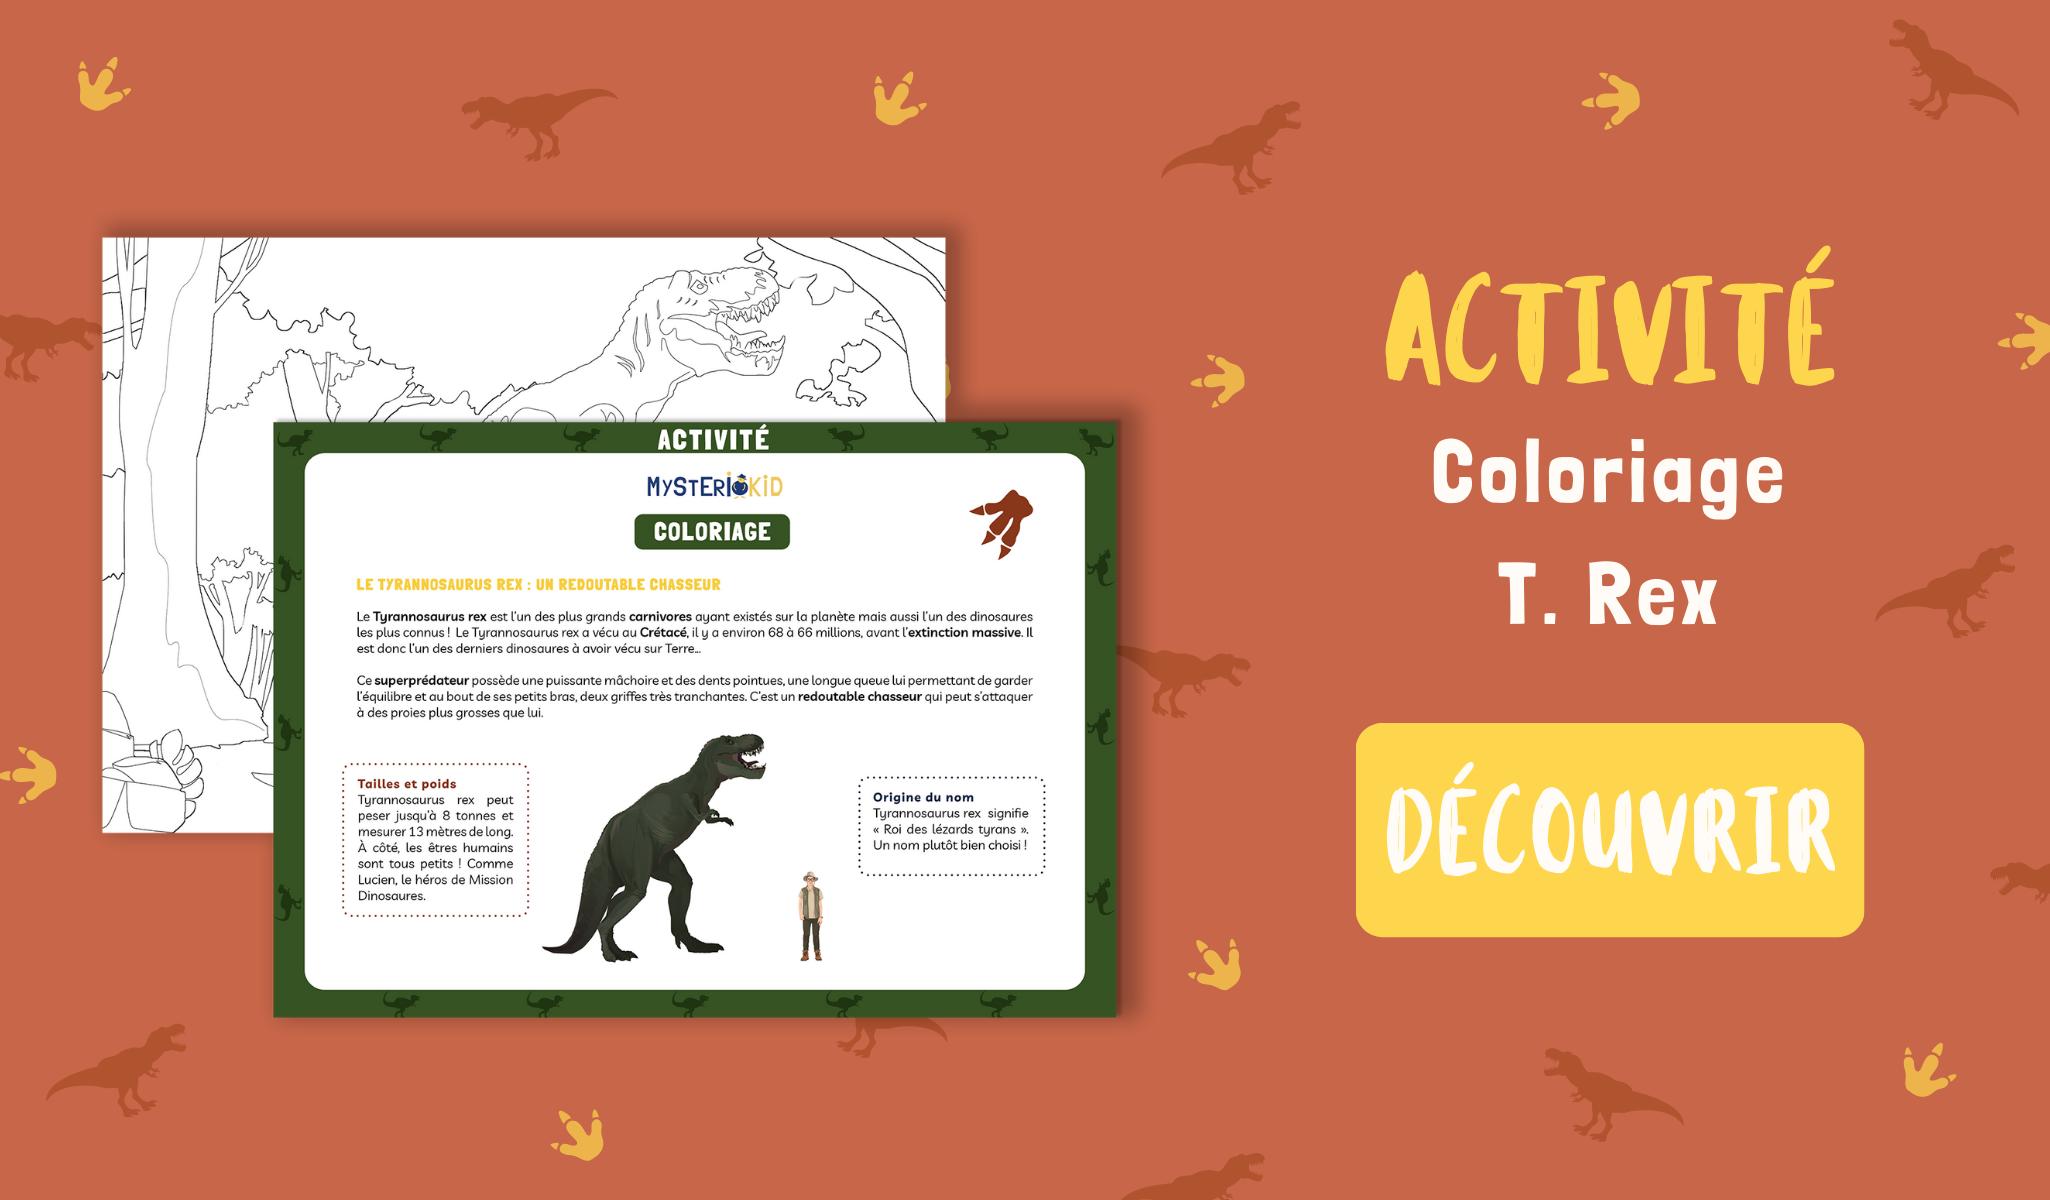 Activité Mysteriokid à télécharger gratuitement : coloriage d'un tyrannosaurus rex